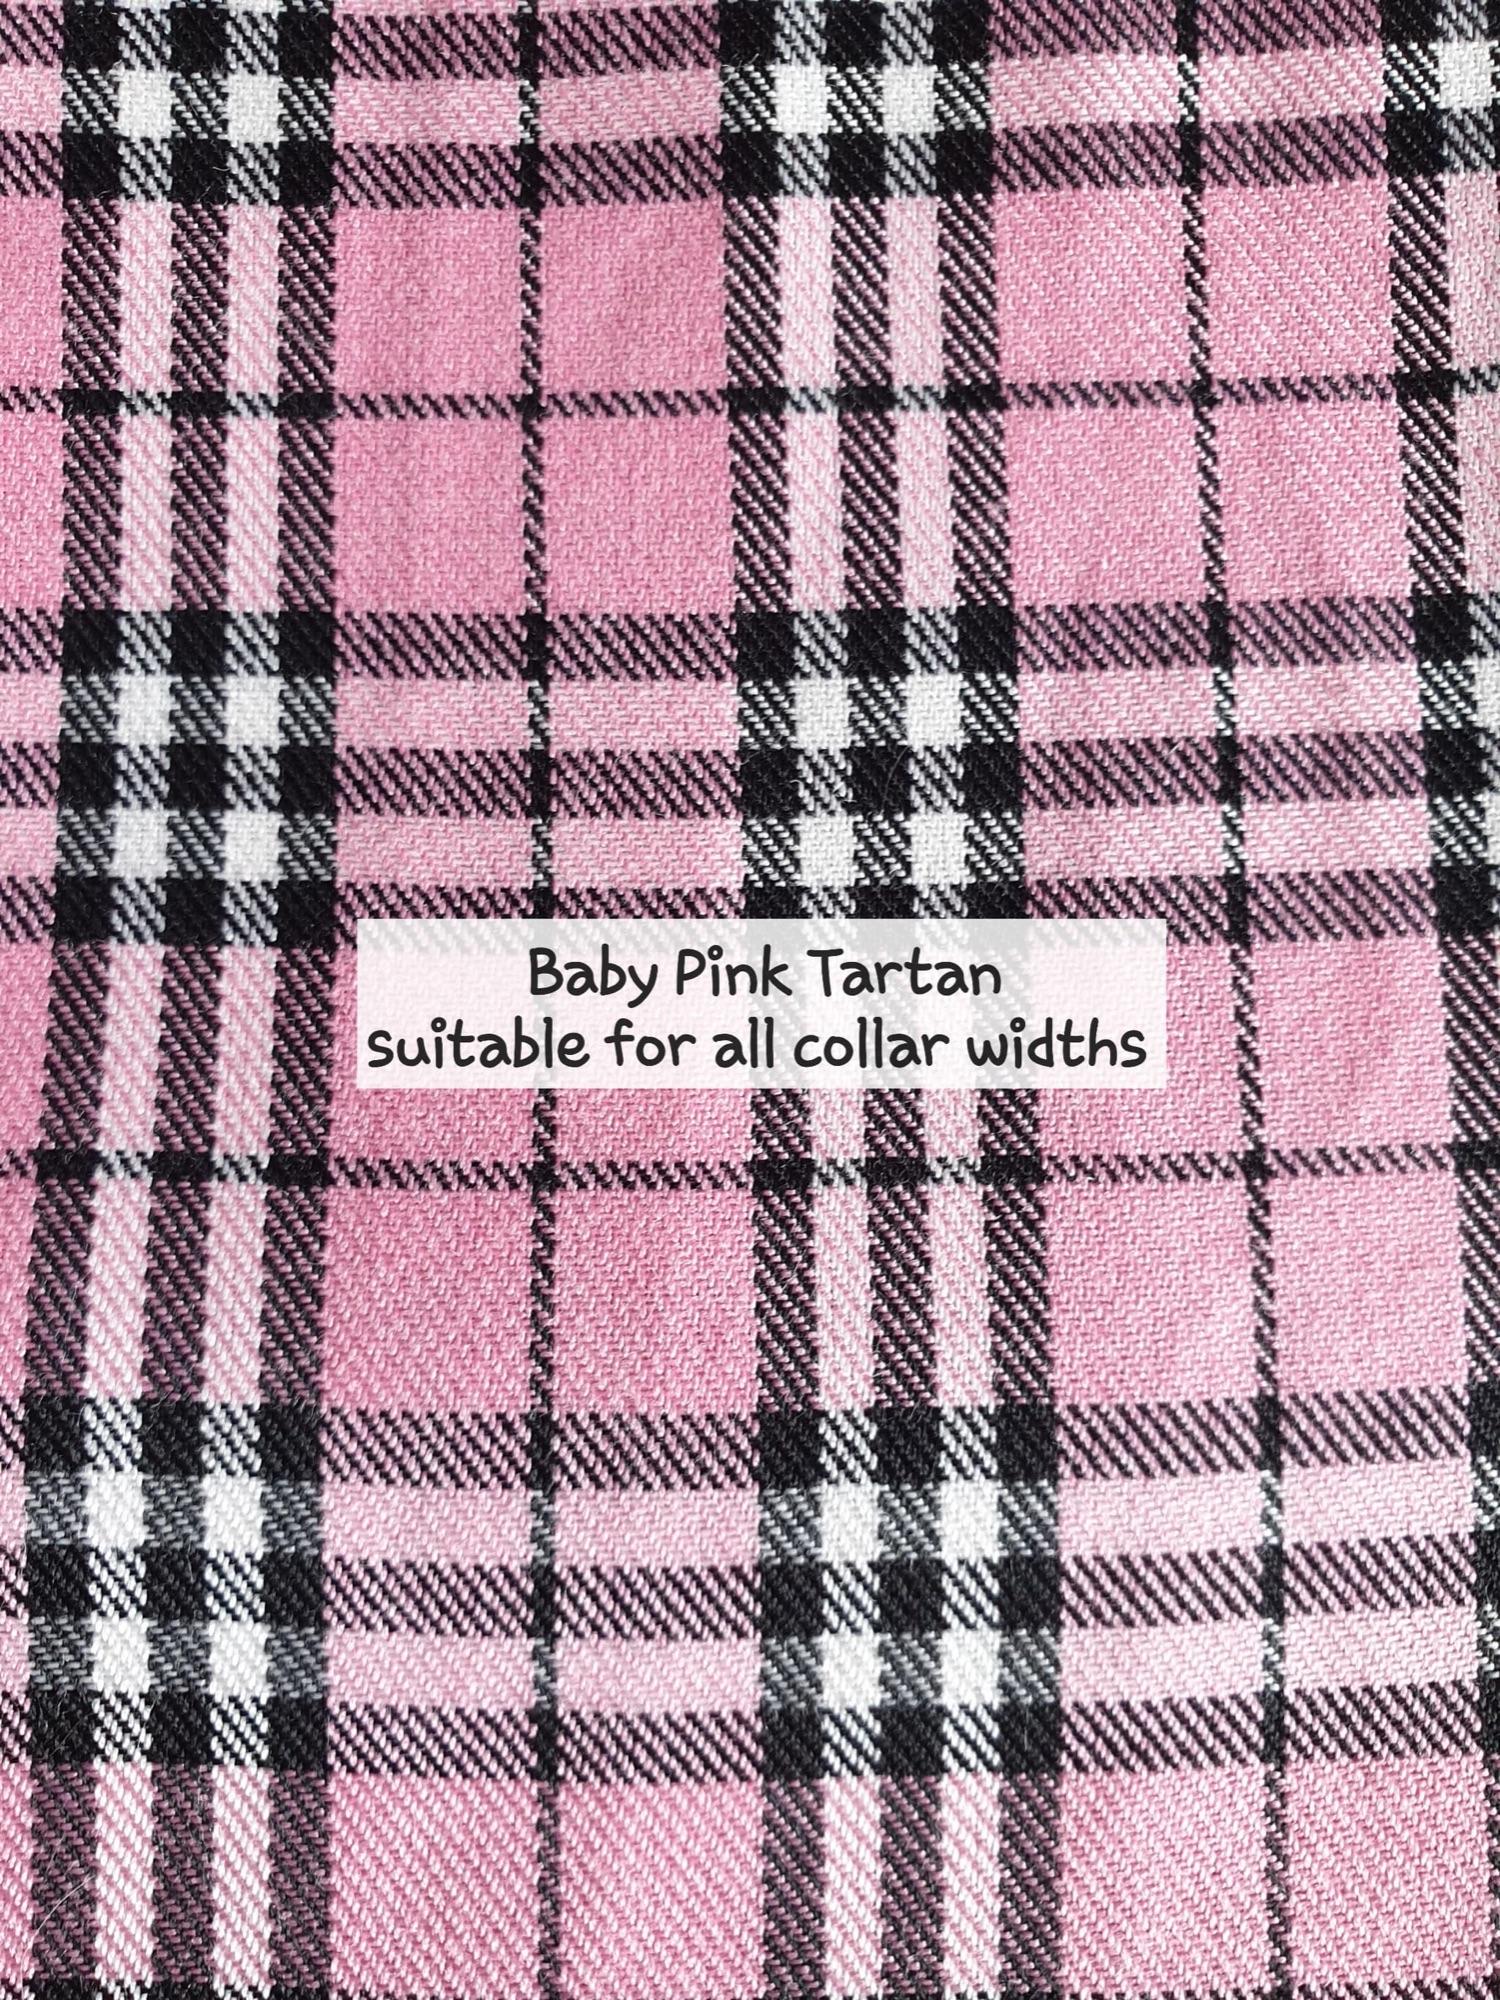 Baby Pink Tartan